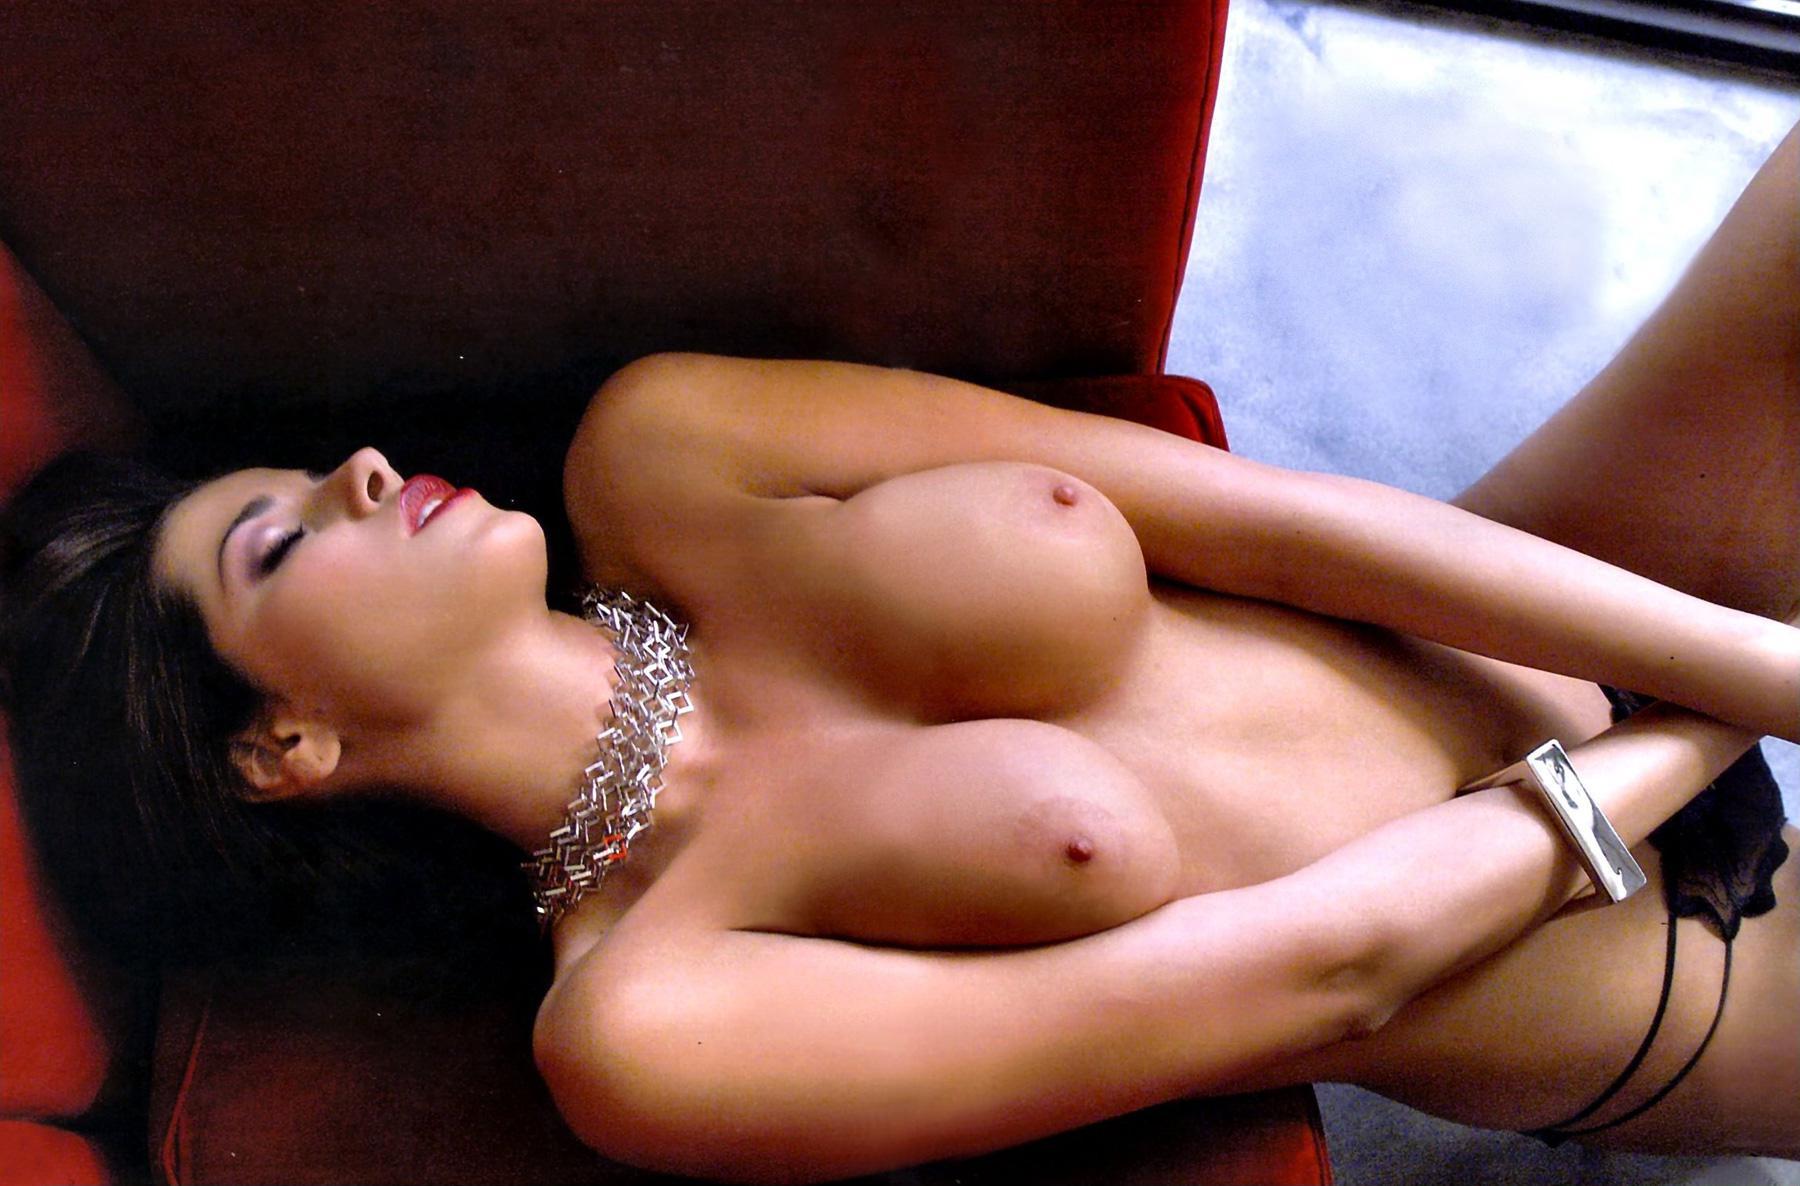 конечно, скромно, эротические картинки про аида тому абсолютно